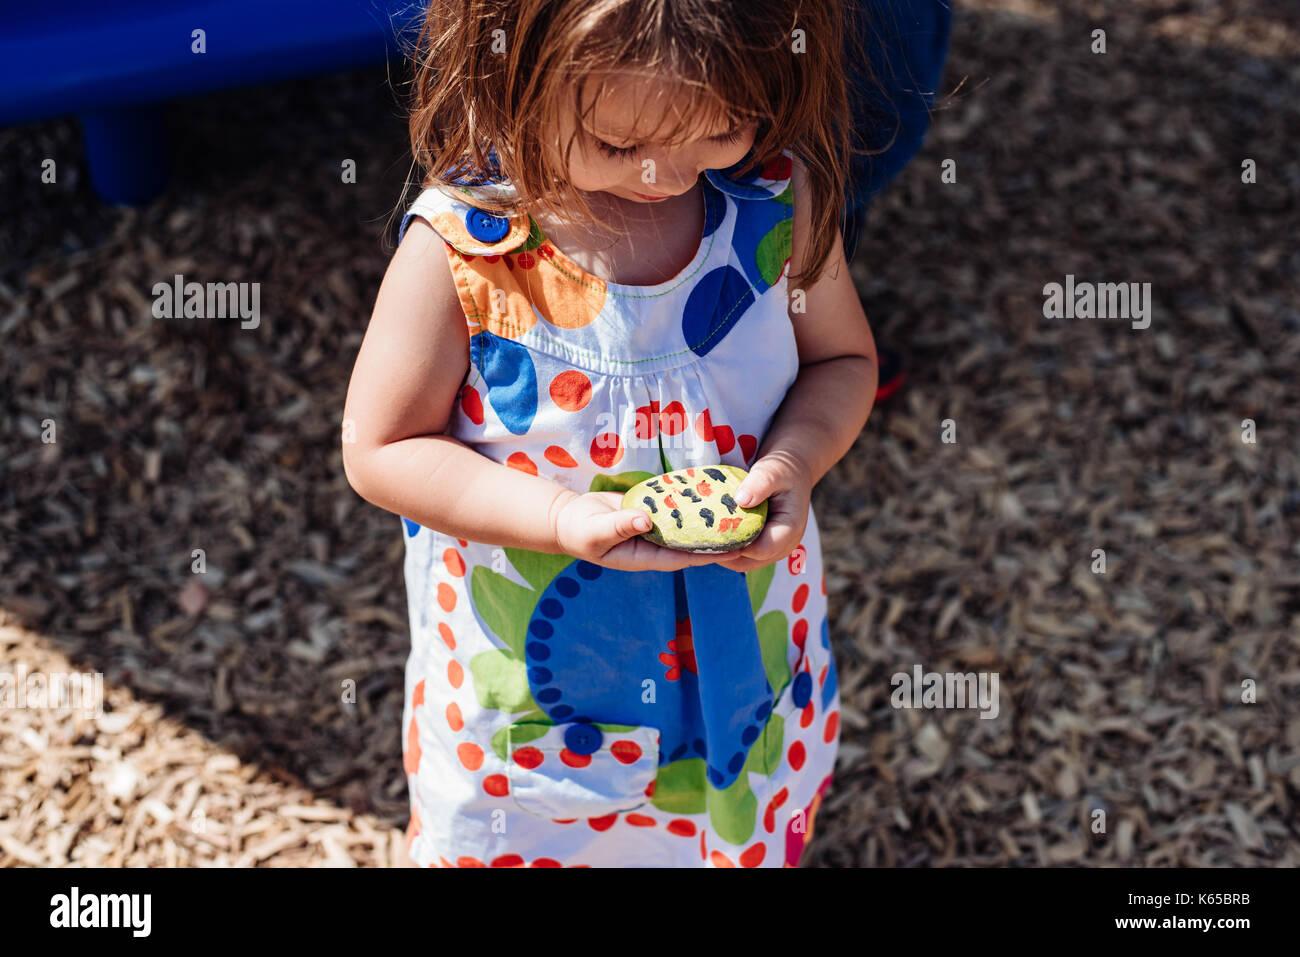 Un bambino tiene una roccia dipinta in una giornata di sole. Immagini Stock